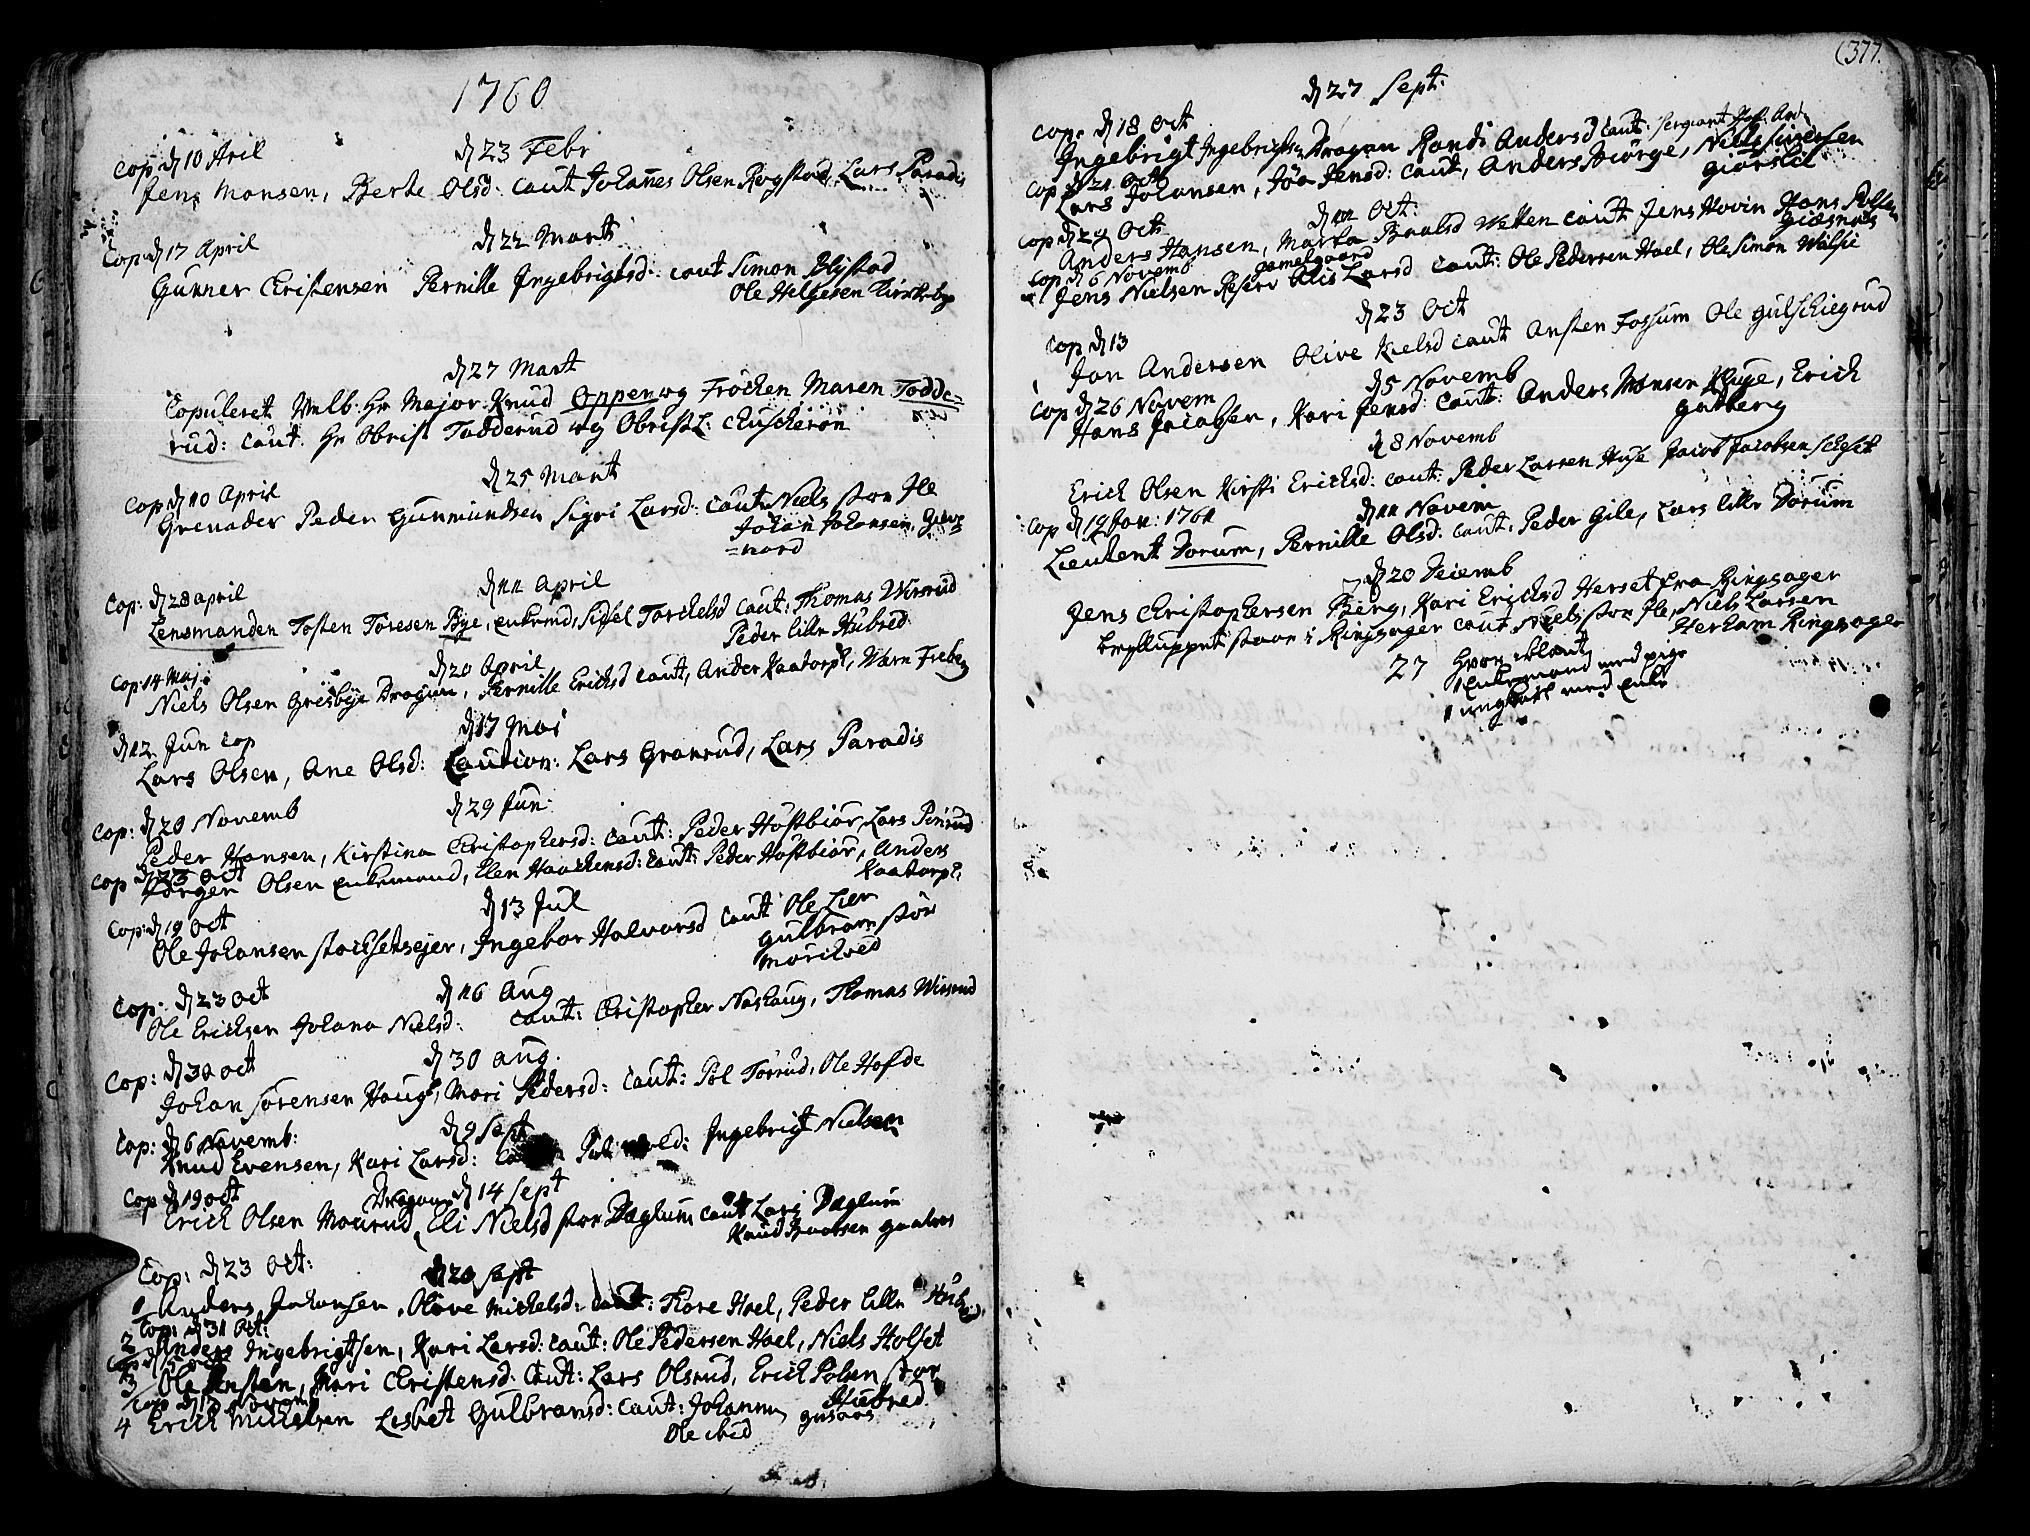 SAH, Vang prestekontor, Hedmark, H/Ha/Haa/L0003: Ministerialbok nr. 3, 1734-1809, s. 377